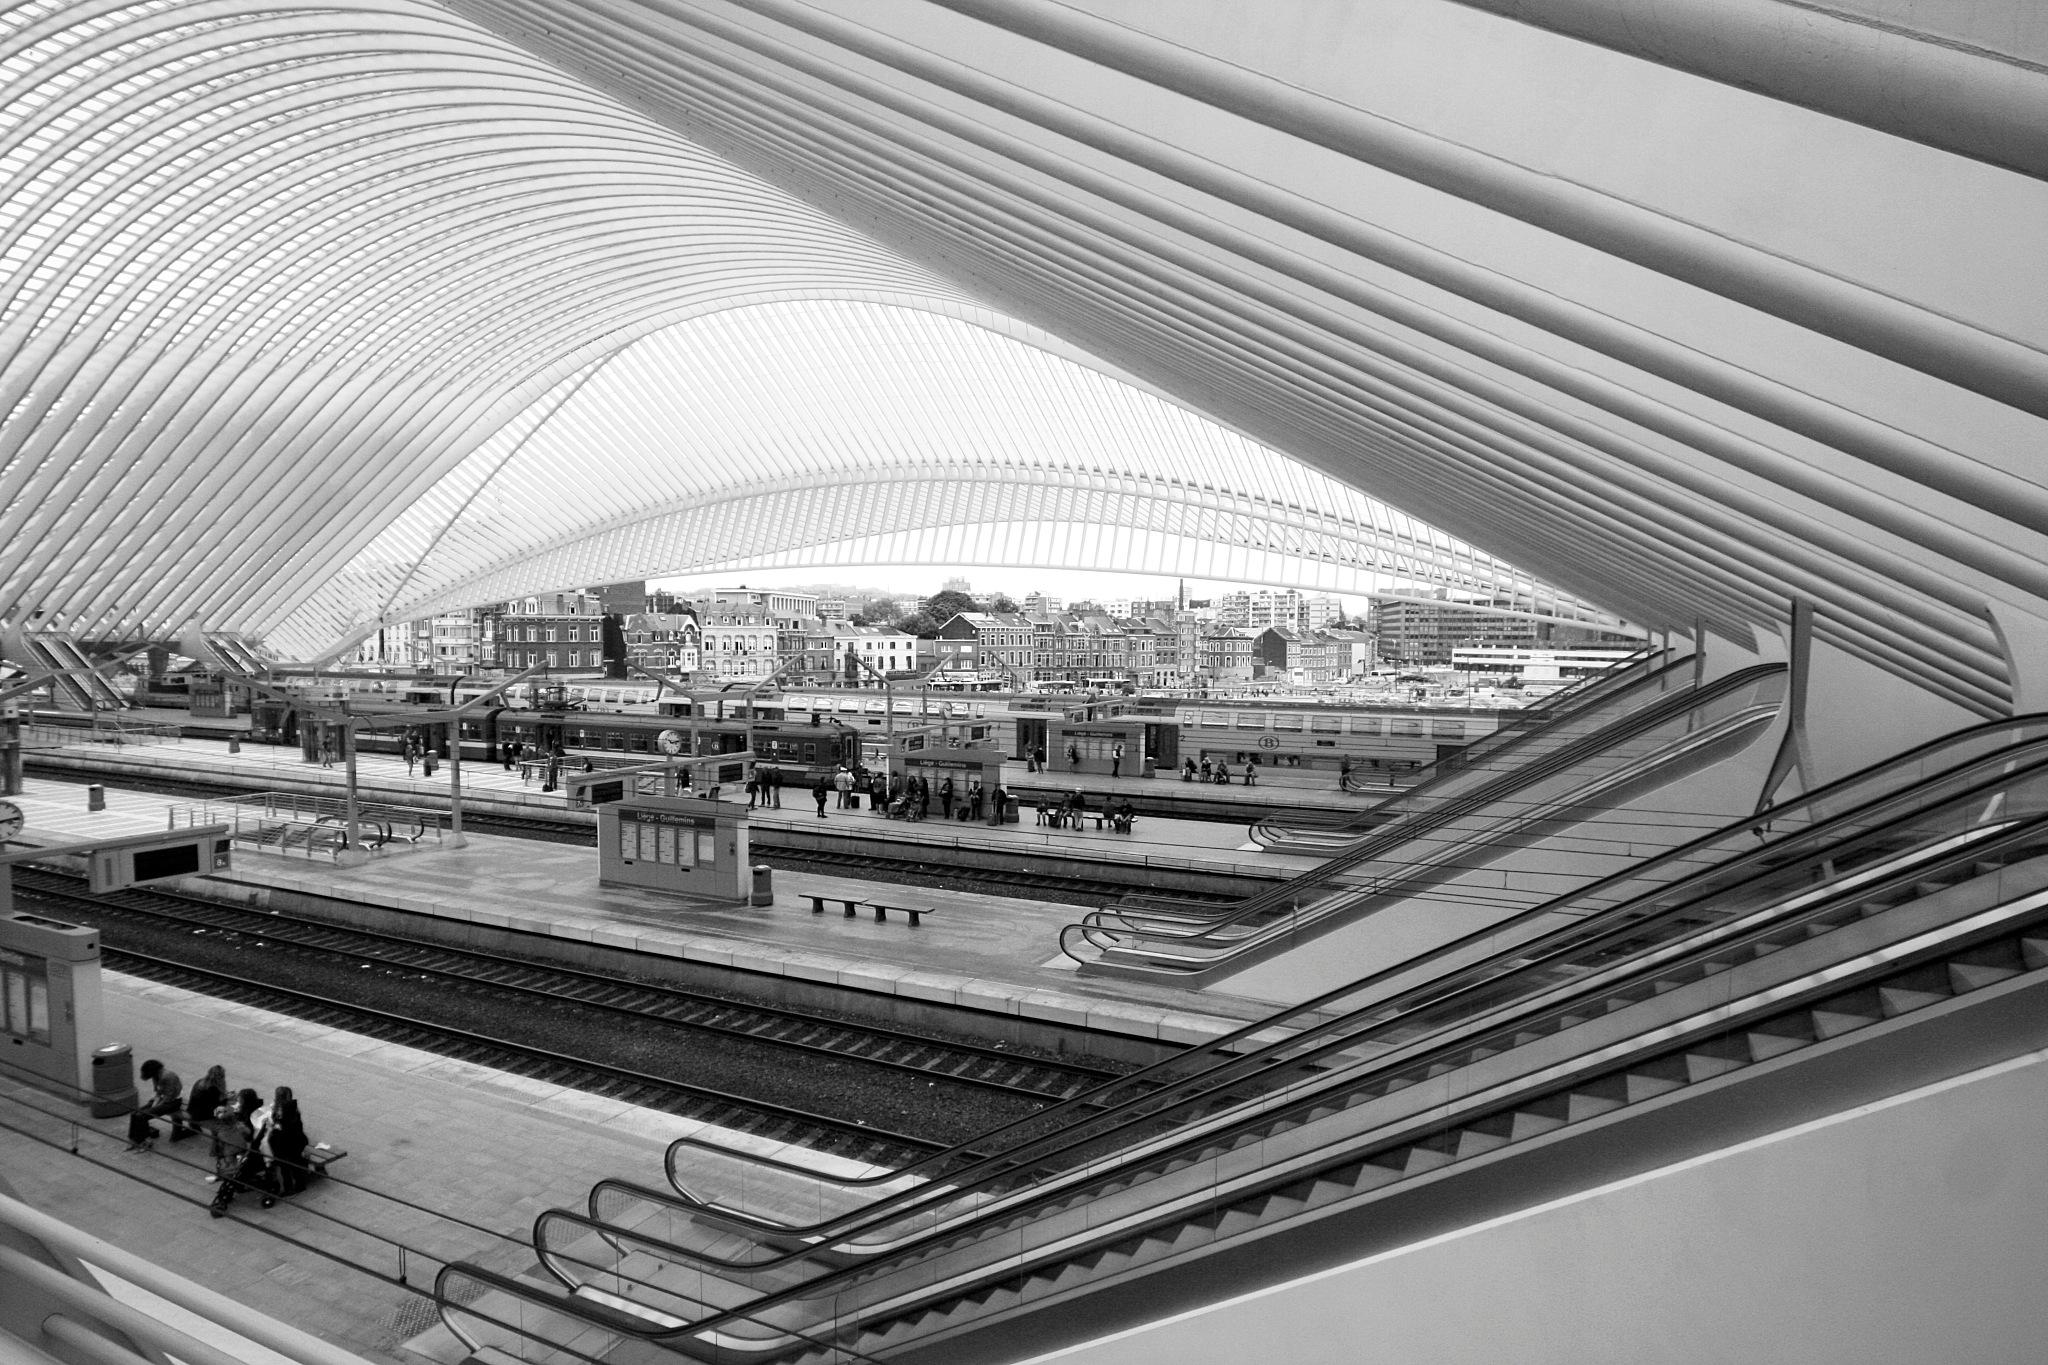 station van Luik by Renaat